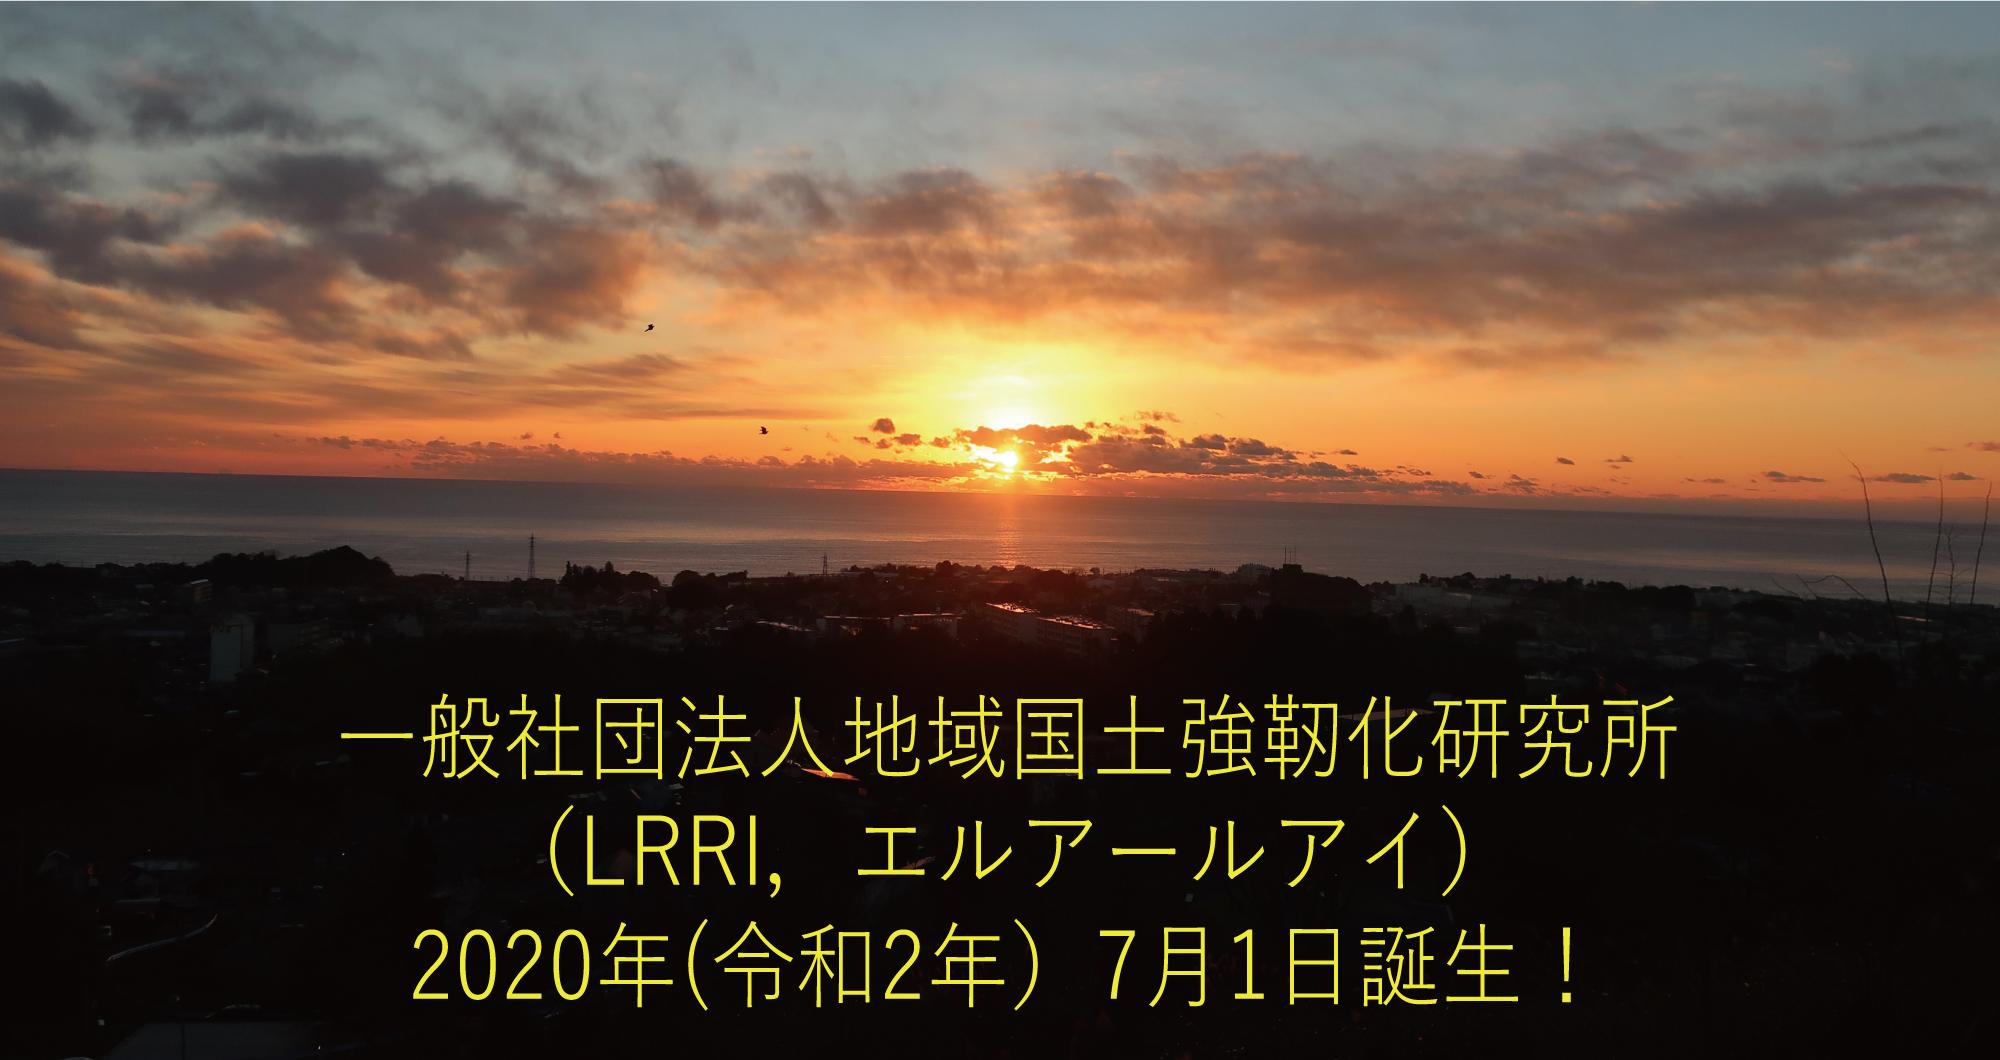 ー般社団法人地域国土強靭化研究所(LRRL,エルアールアイ)2020年(令和2年)7月1日誕生!